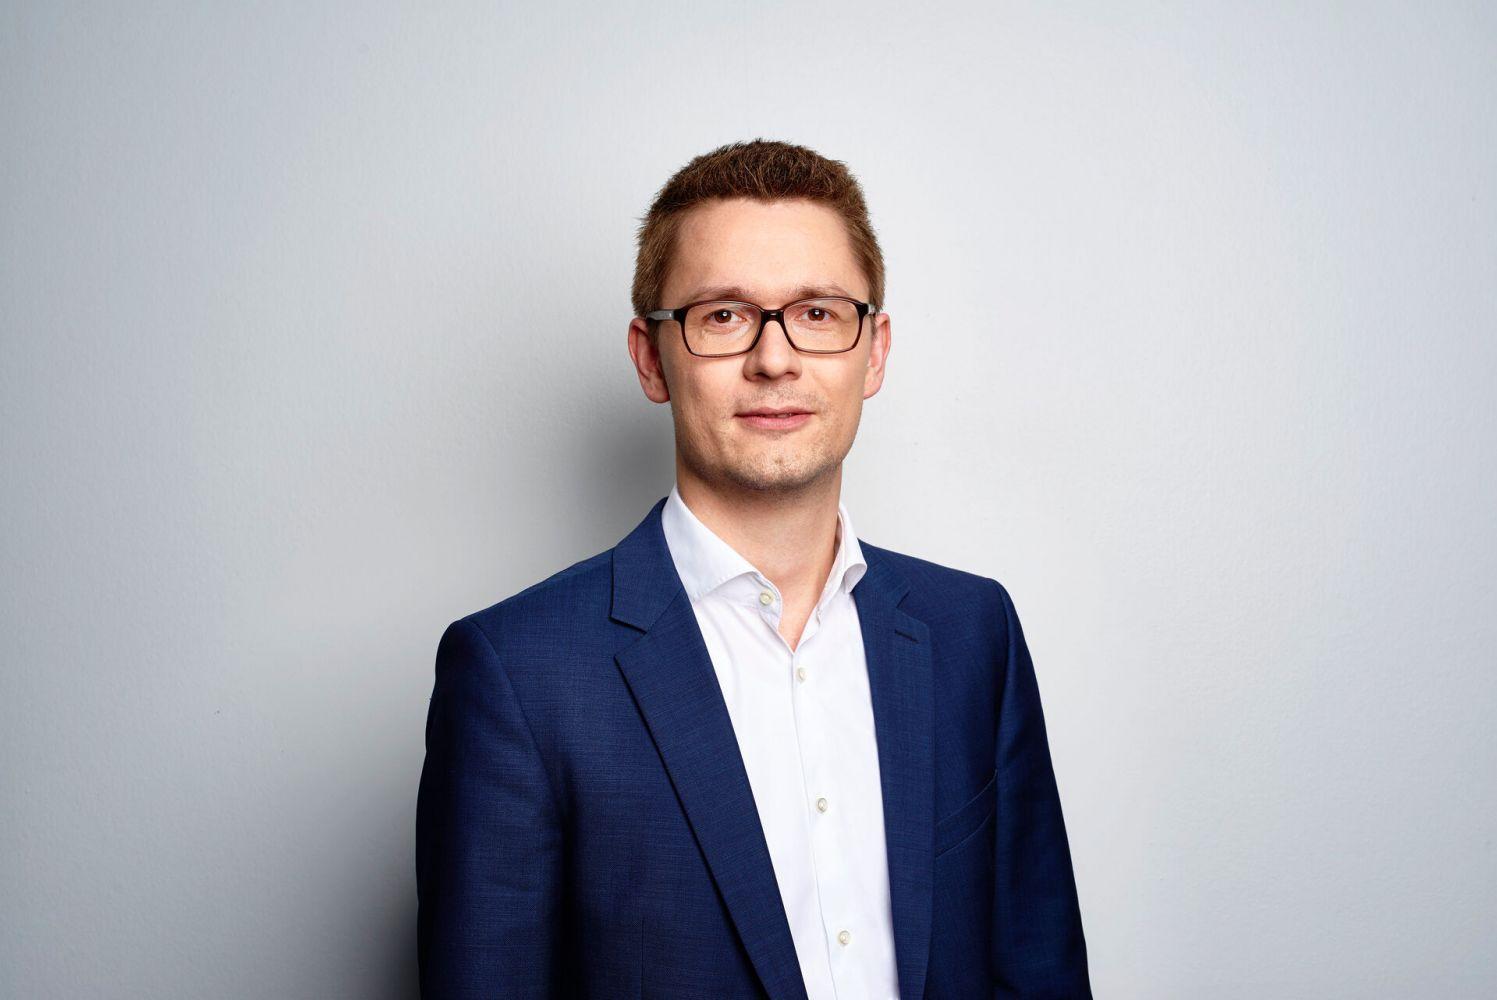 Daniel Hagemeier ist Dozent an der MSB, der Münster School of Business. Aber auch überzeugter Gründer: Der Absolvent der FH Münster hat bereits drei Start-ups erfolgreich aufgebaut. (Foto: privat)